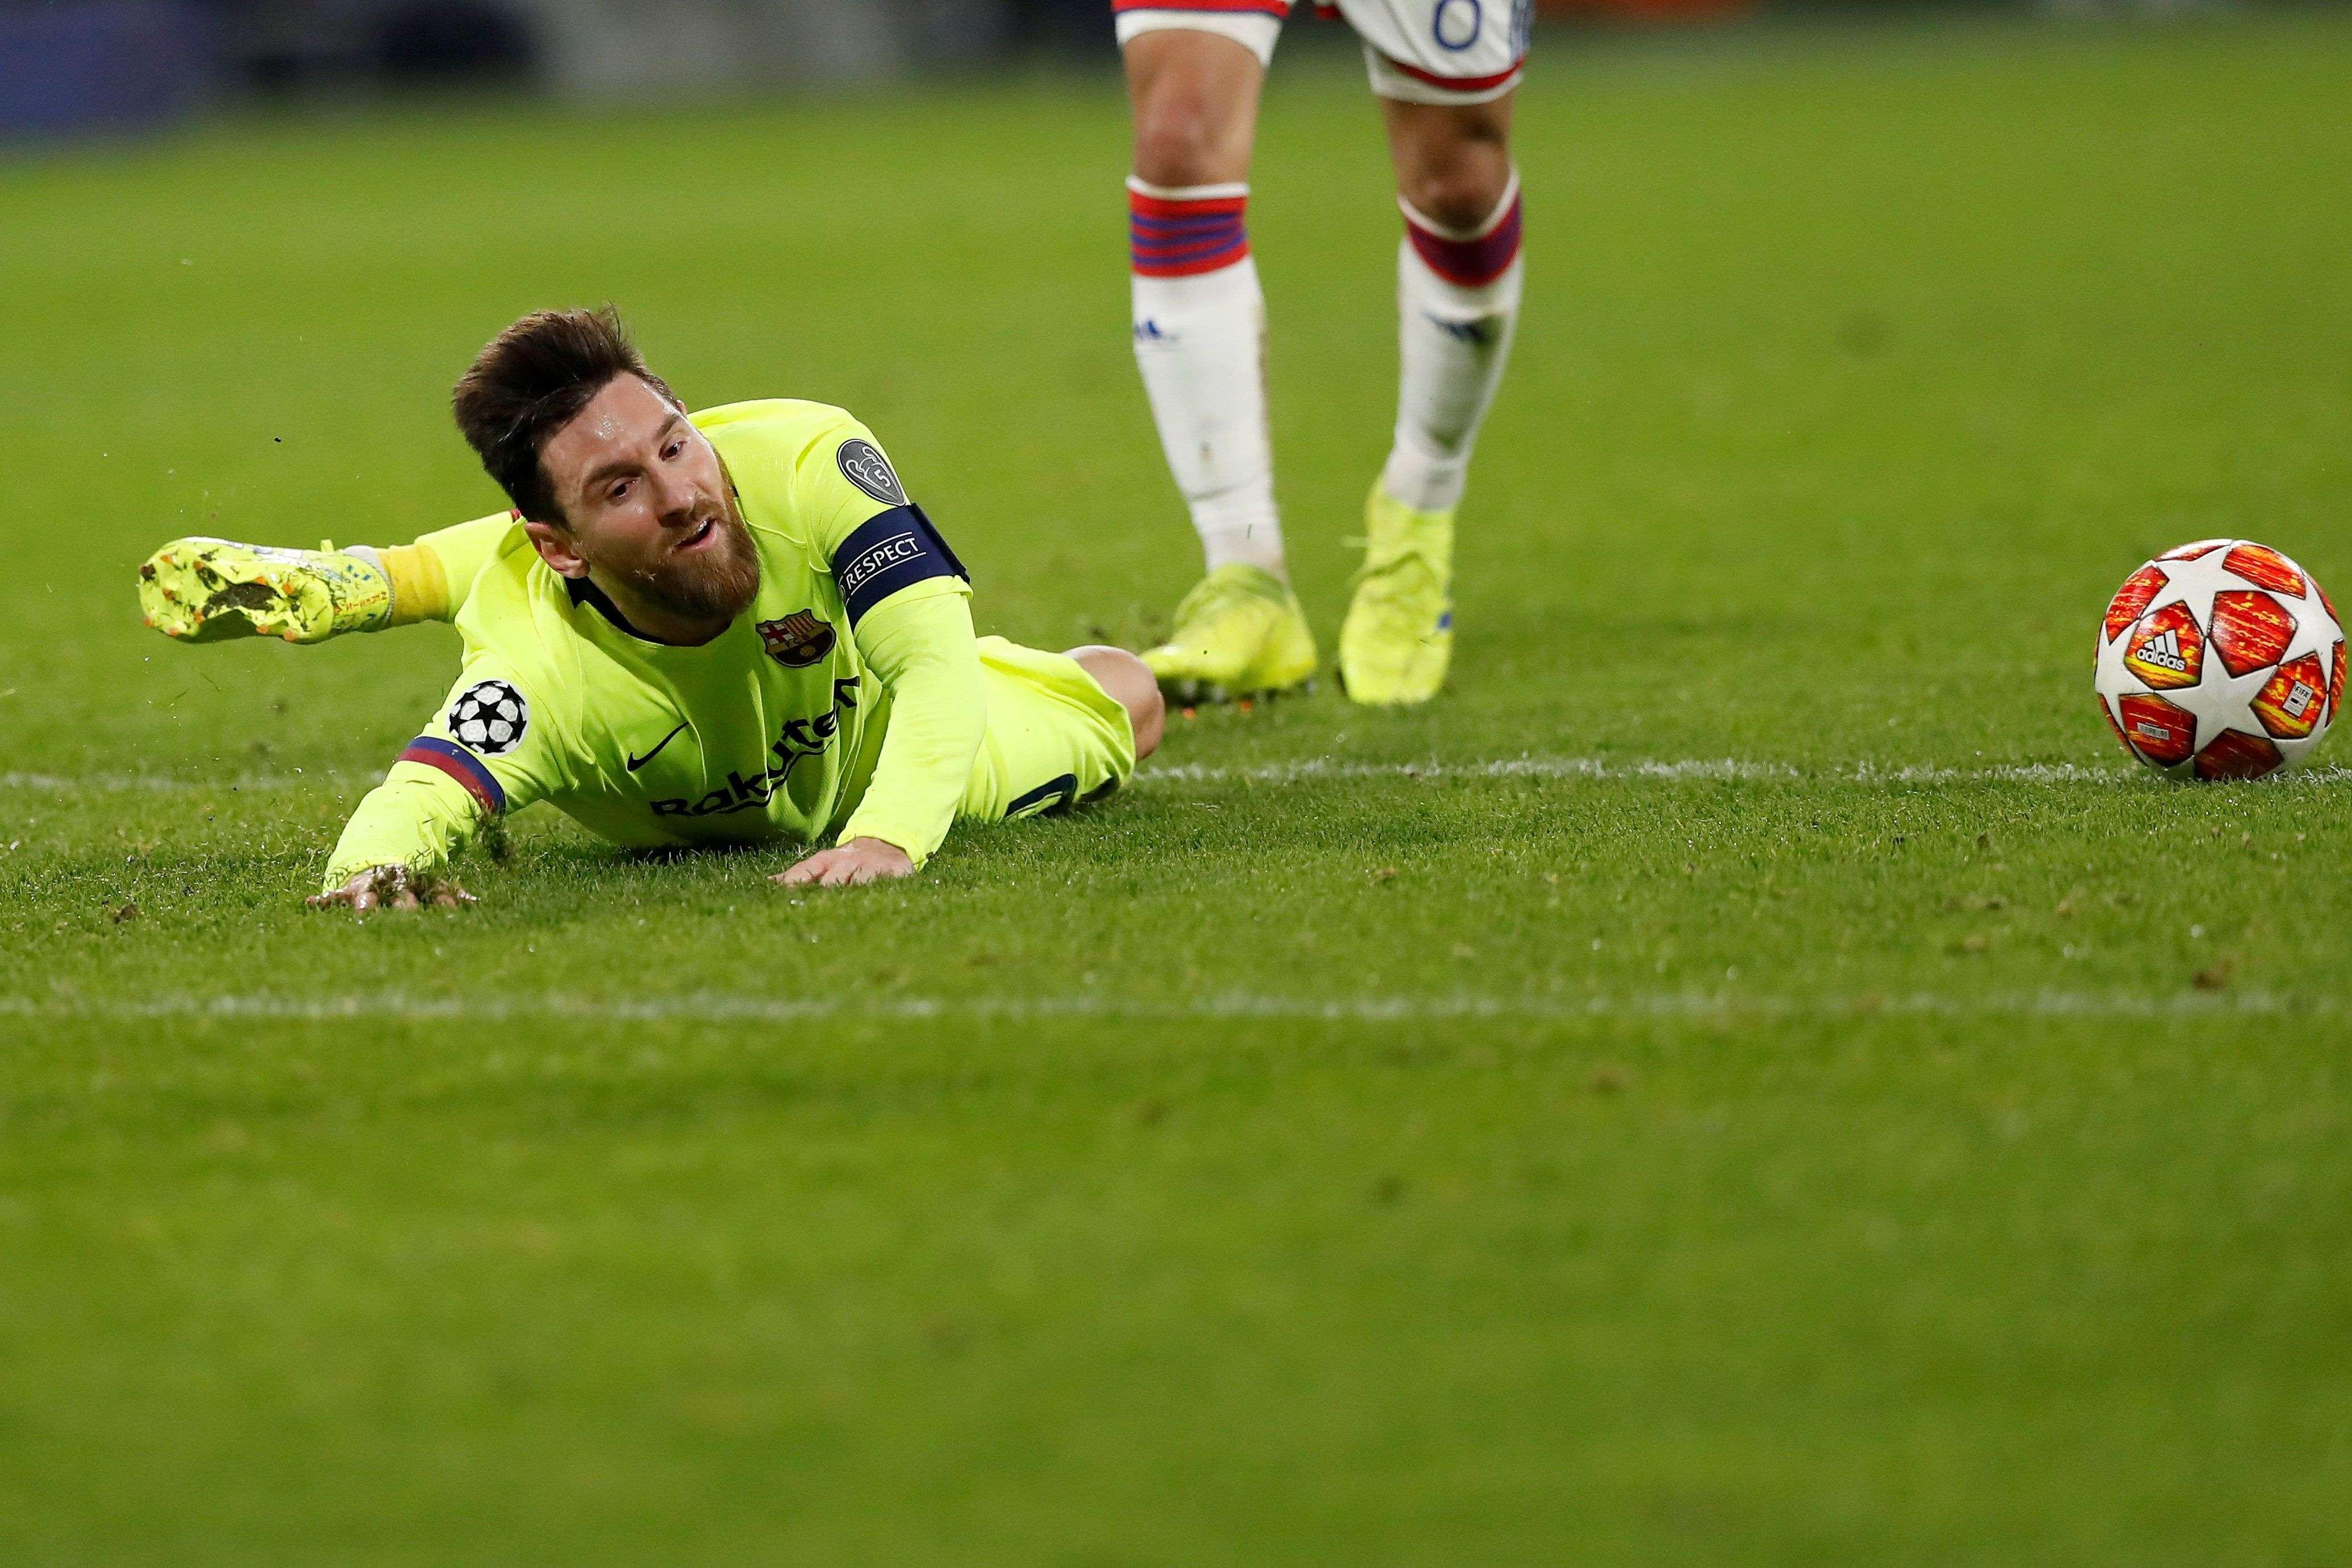 Lionel Messi del Barcelona en acción durante el partido por los octavos de final de la Liga de Campeones de la UEFA. /Foto: EFE